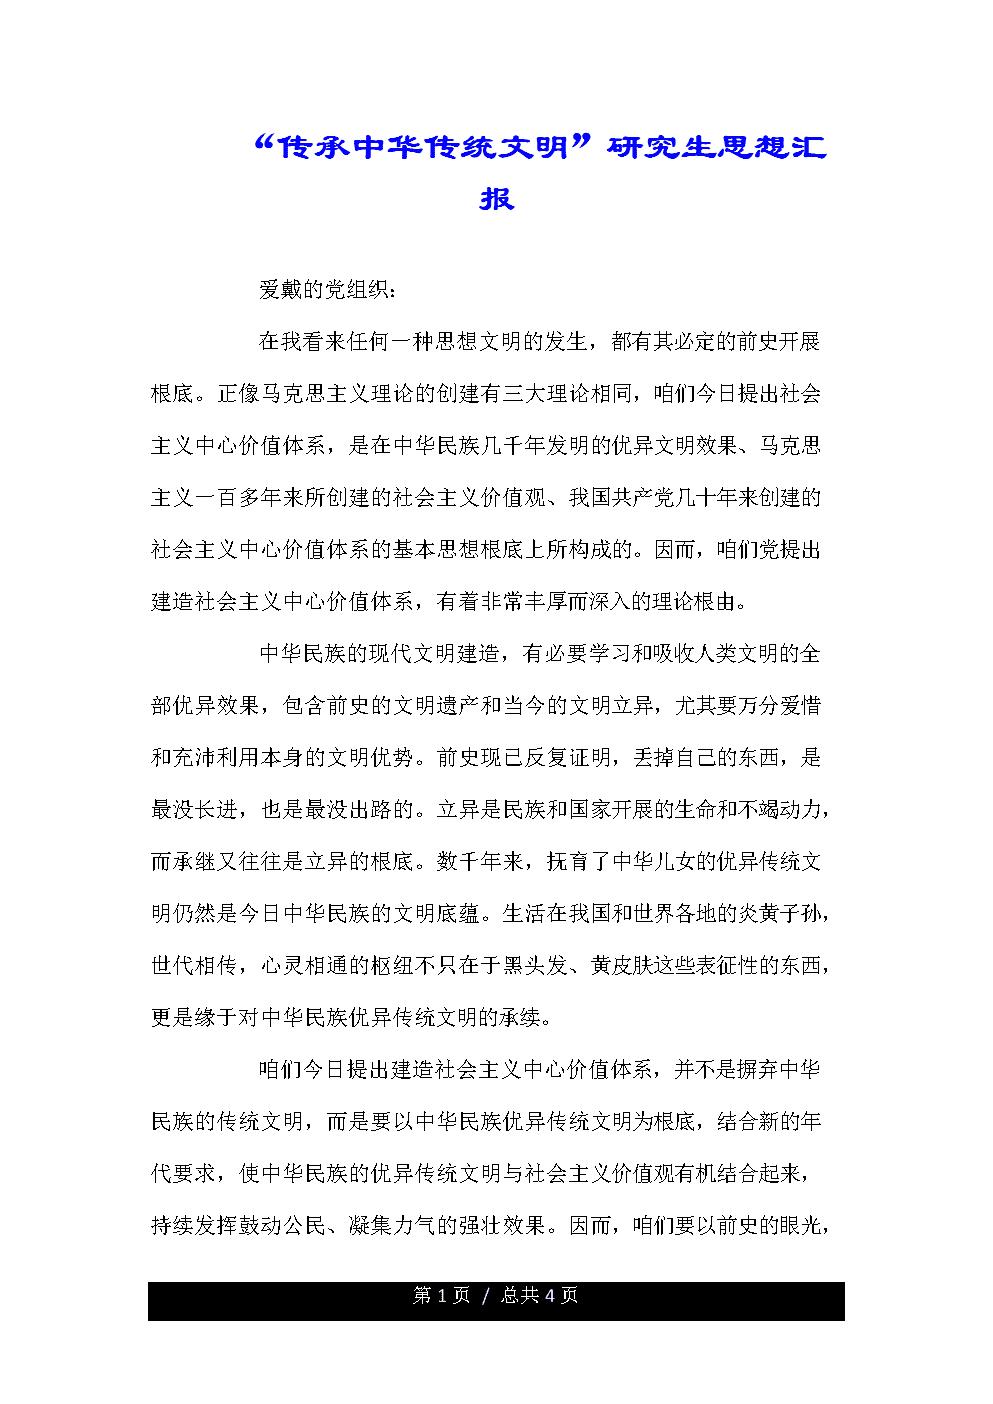 """""""传承中华传统文化""""研究生思想总结汇报.doc"""